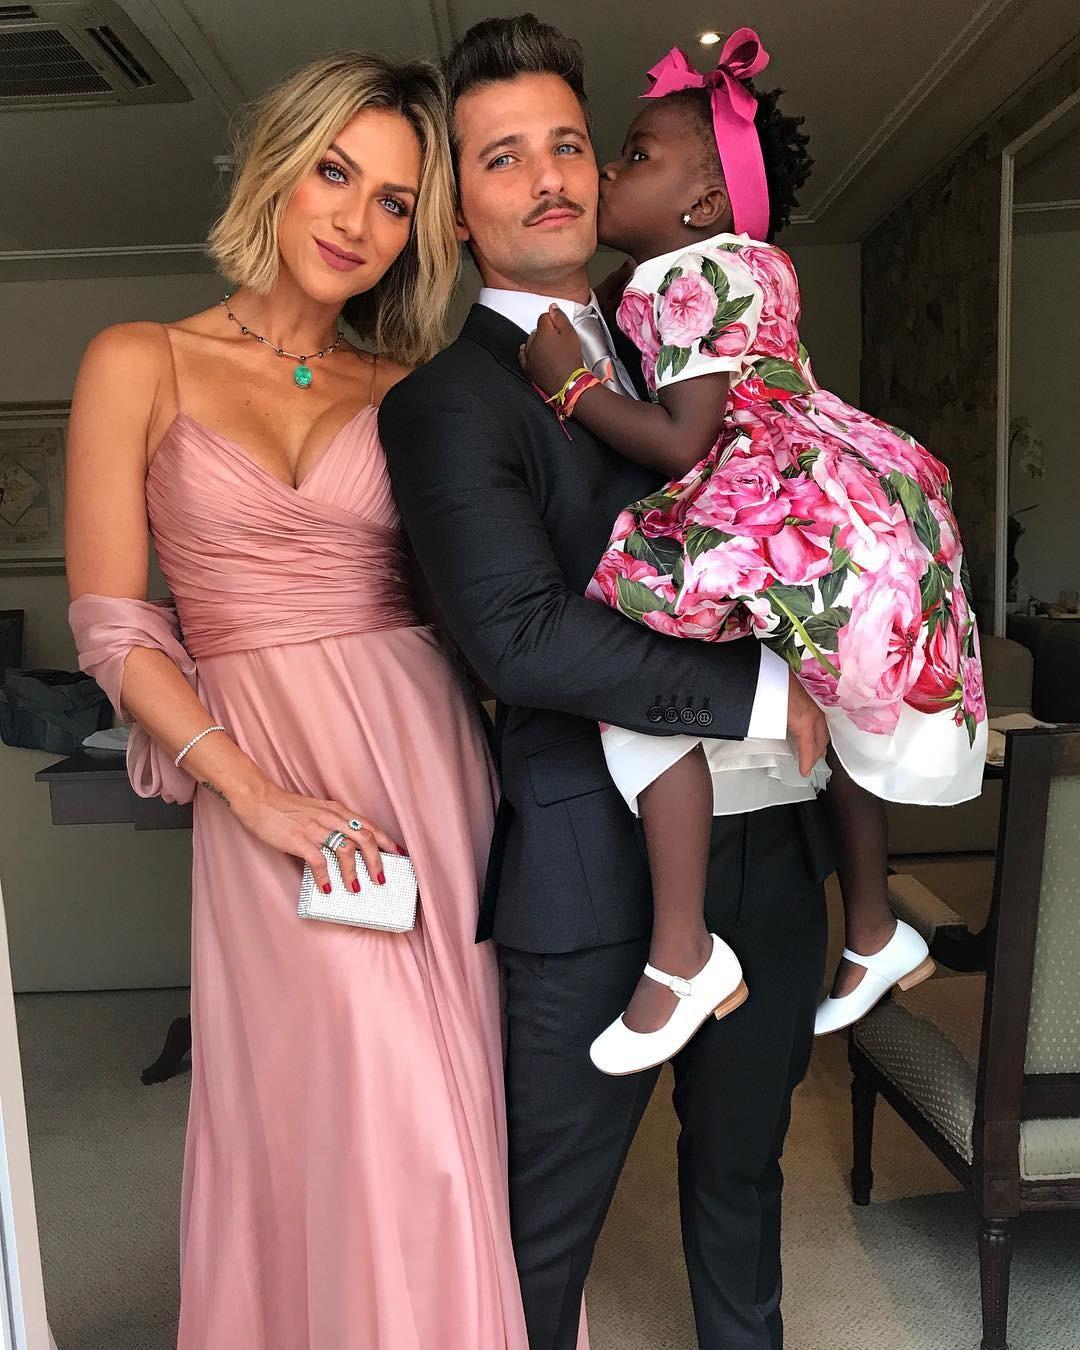 Família reunida (Foto: Reprodução Instagram)